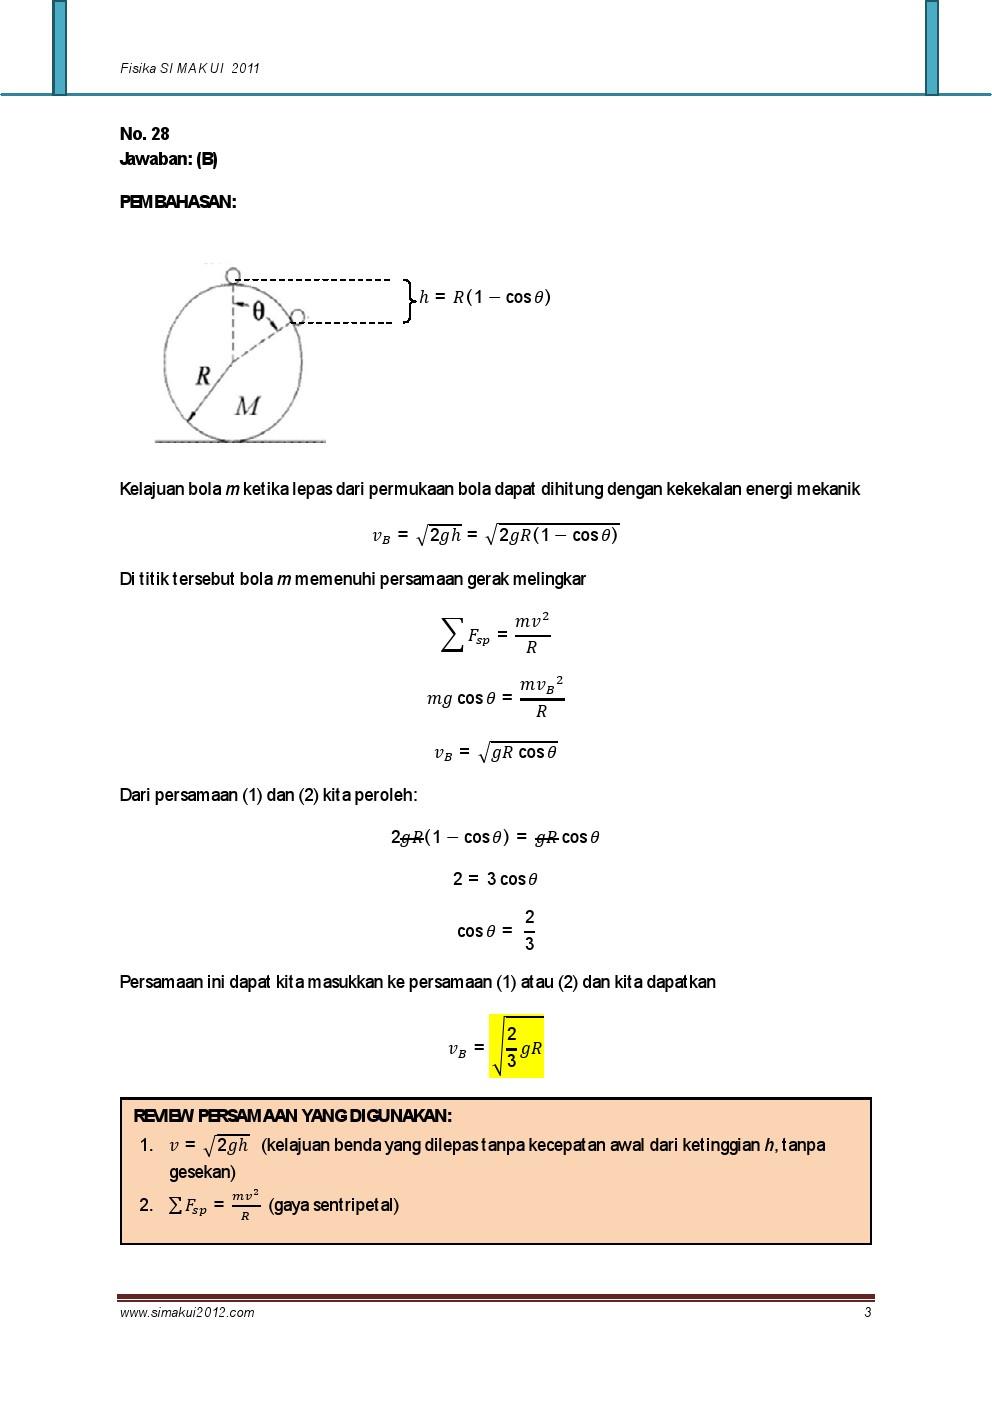 Soal Dan Pembahasan Simak Ui Fisika 2011 All Paket Muhammad Sajadi